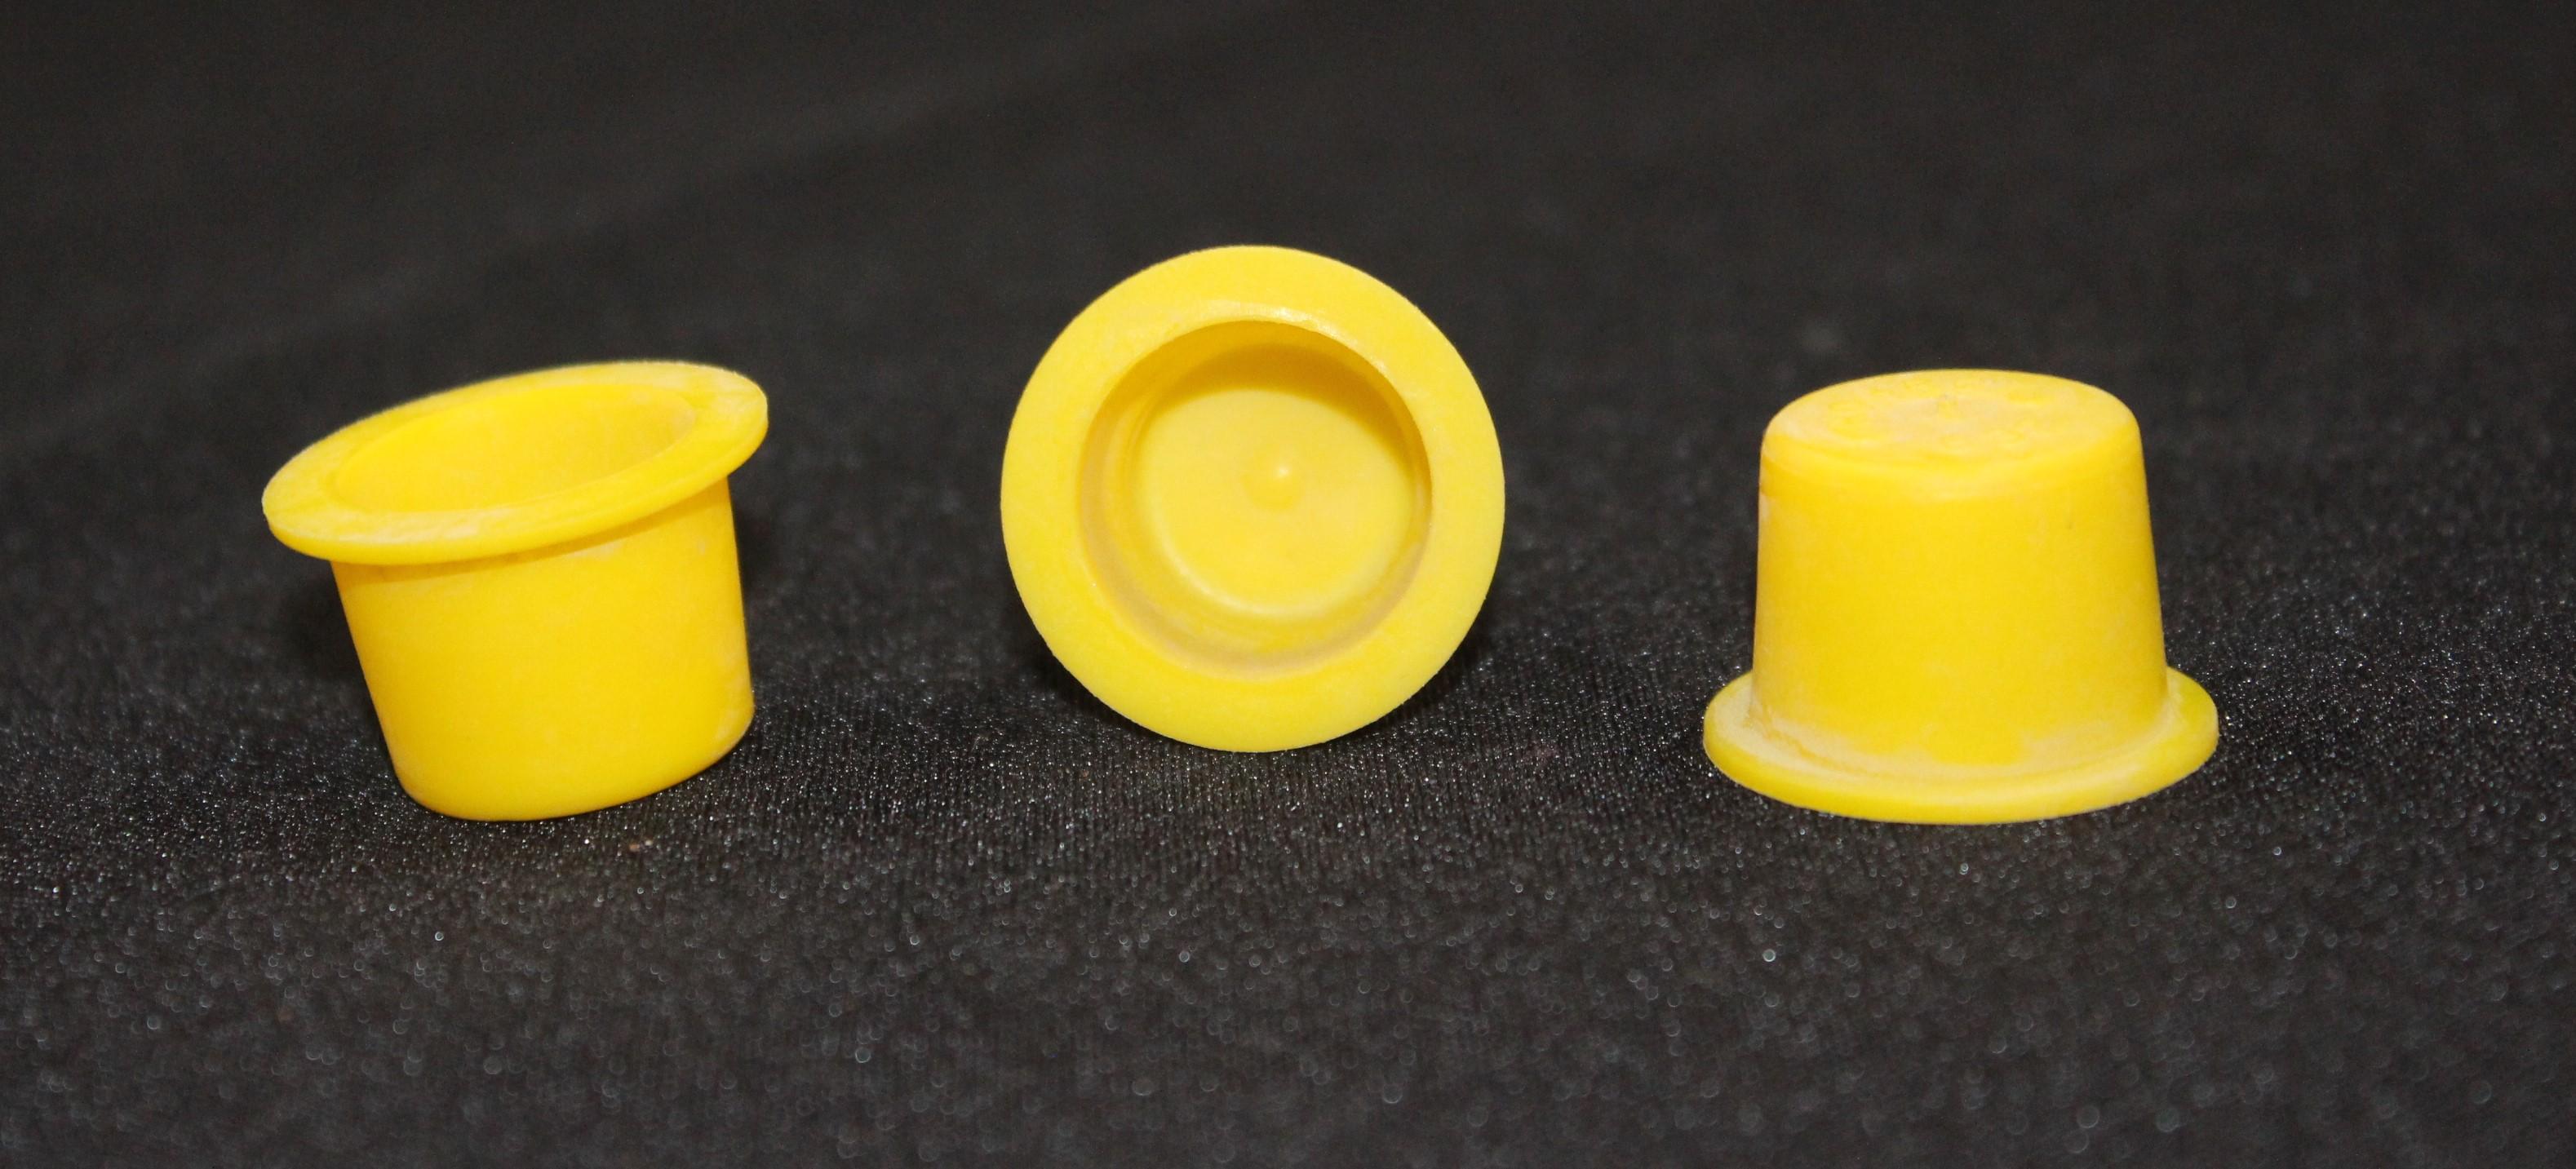 19mm Stopper